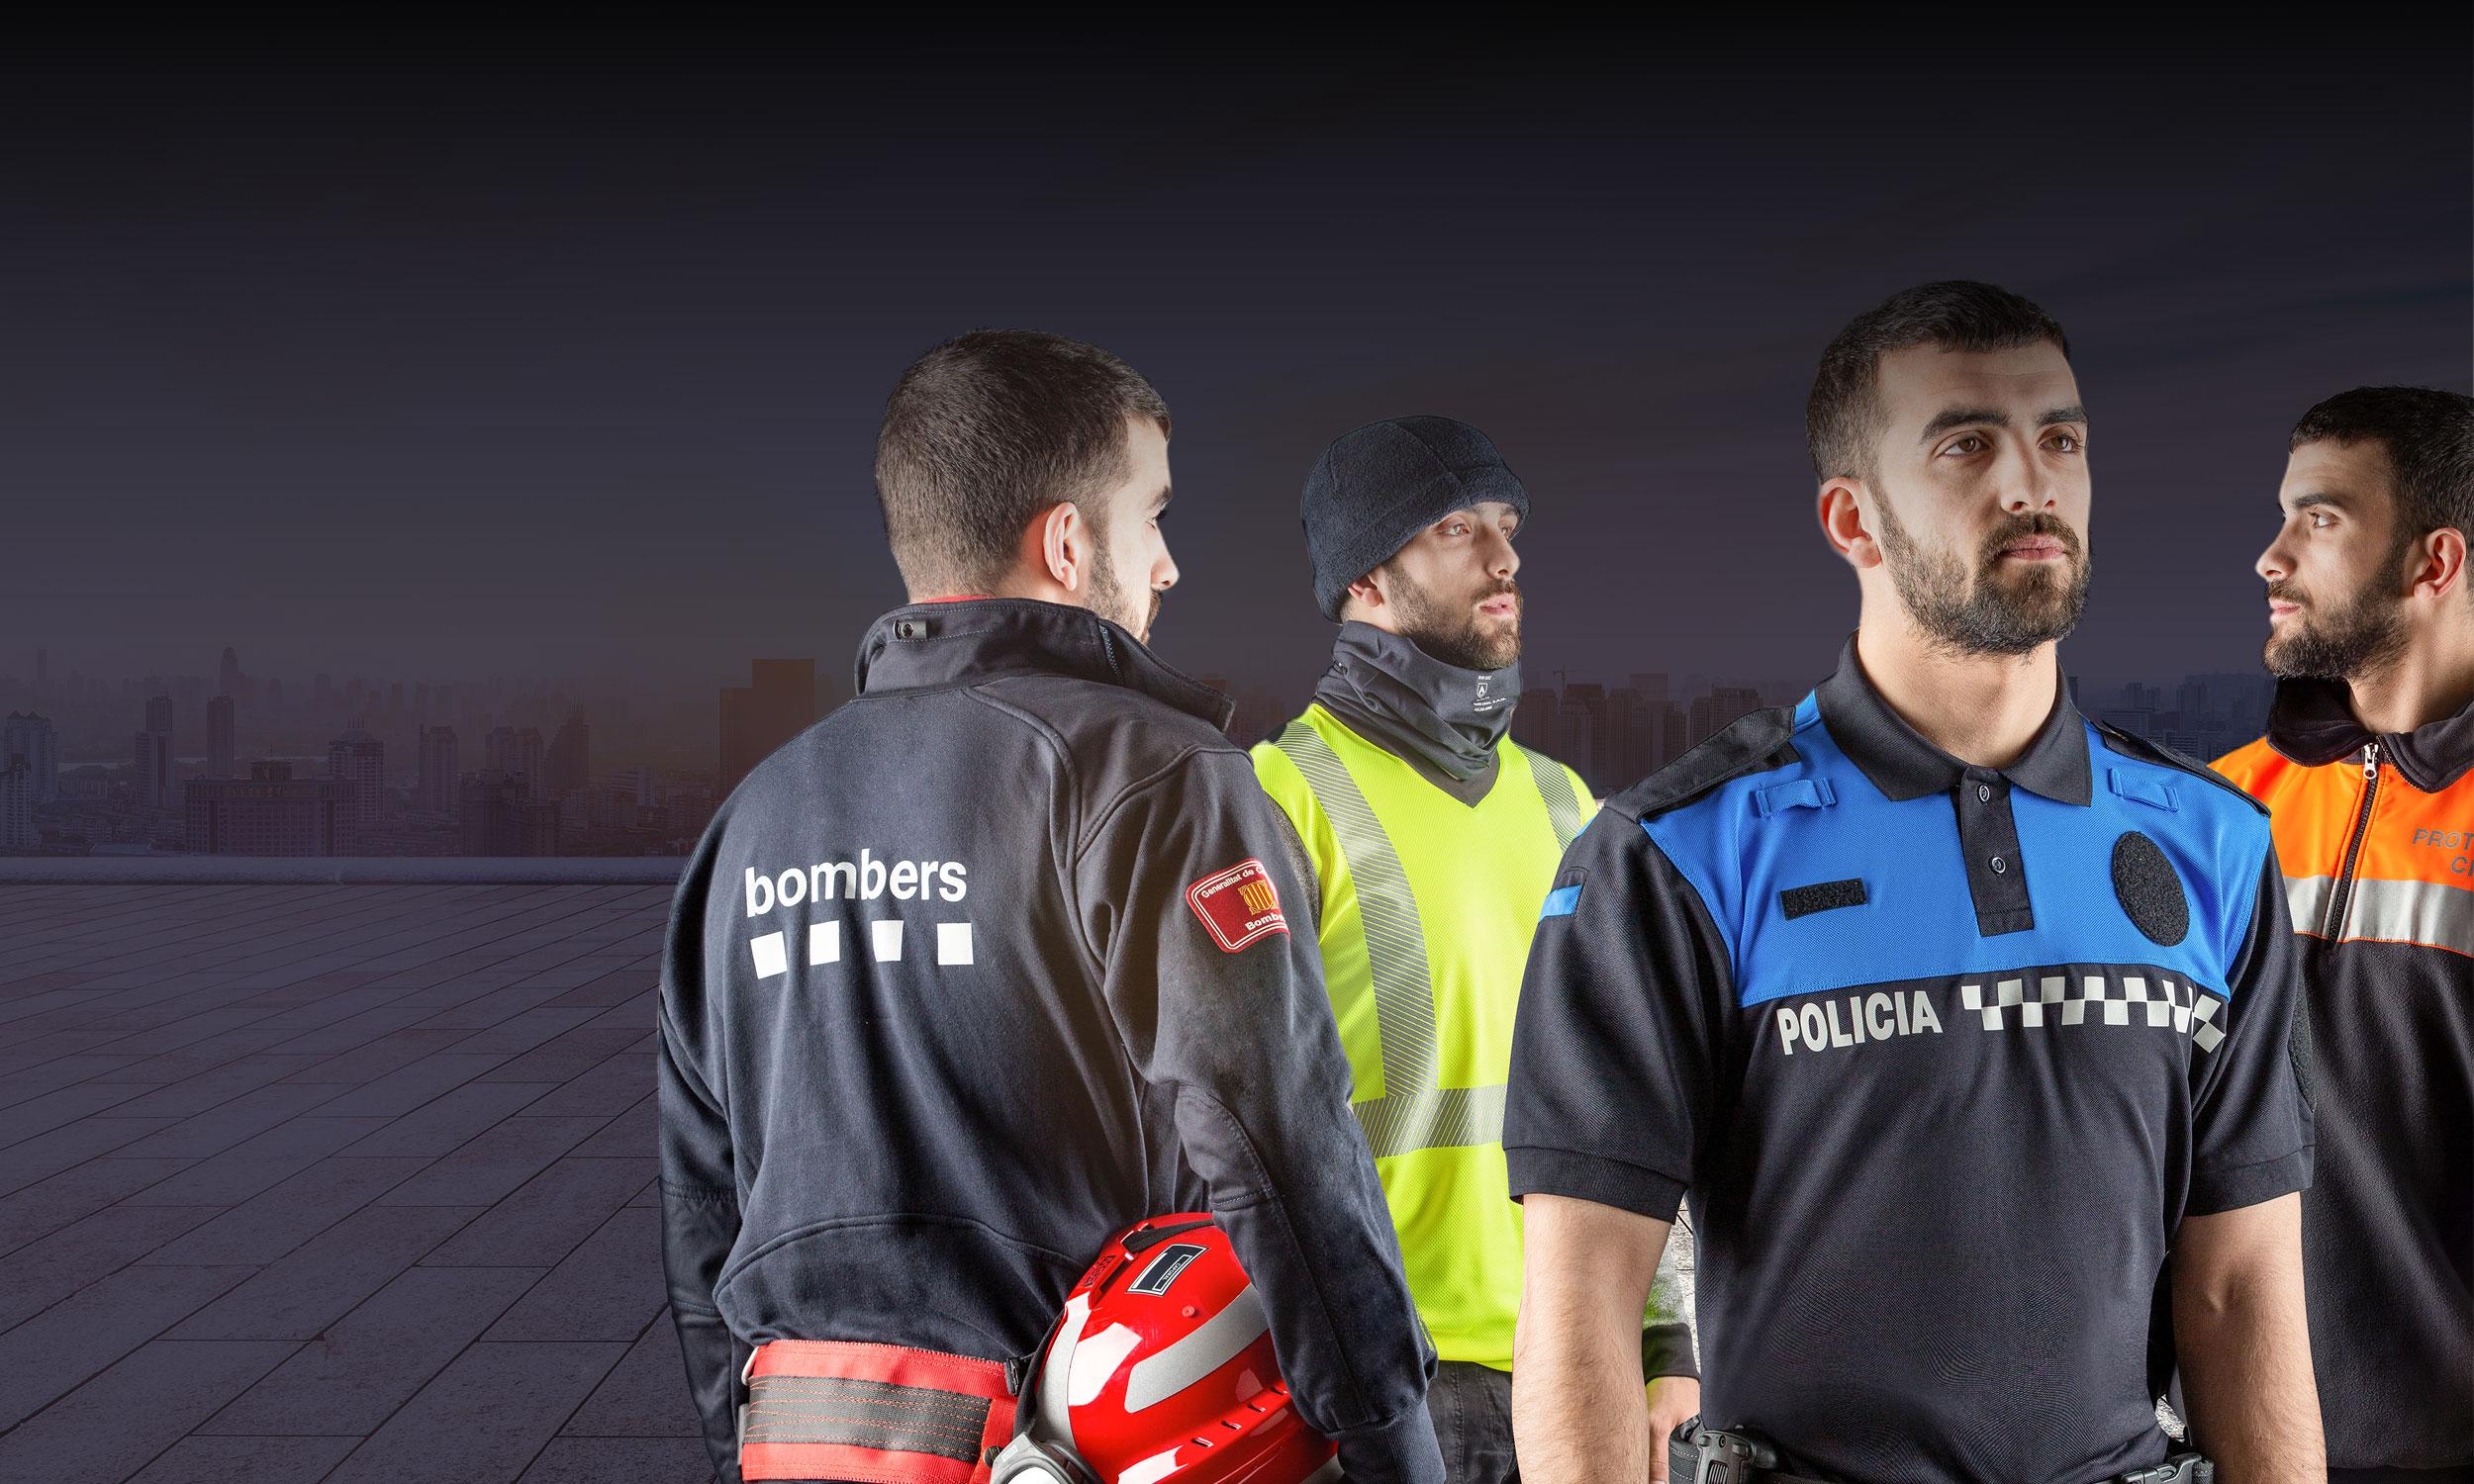 equipos de proteccion individual tecnicos